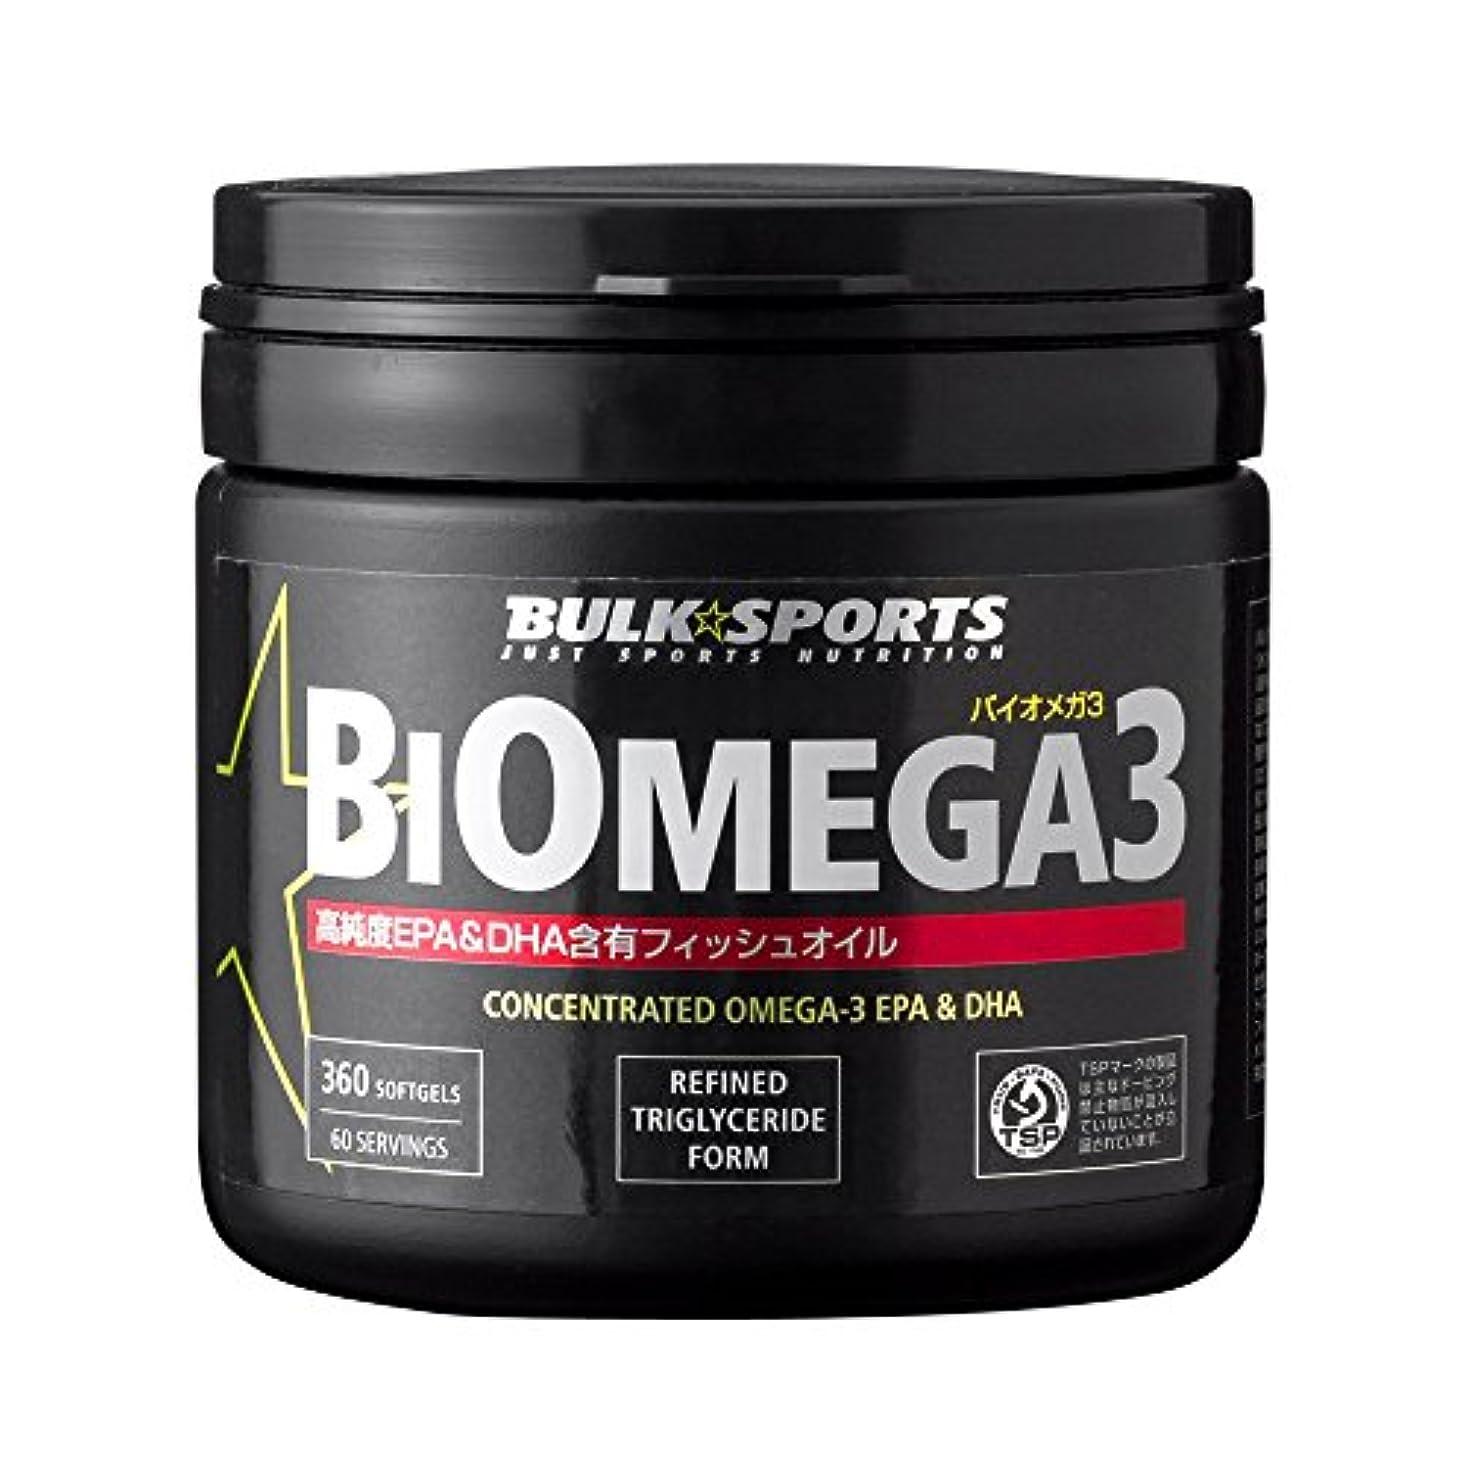 思春期の無ご近所バルクスポーツ バイオメガ3 EPA&DHA含有フィッシュオイル 360ソフトジェルカプセル